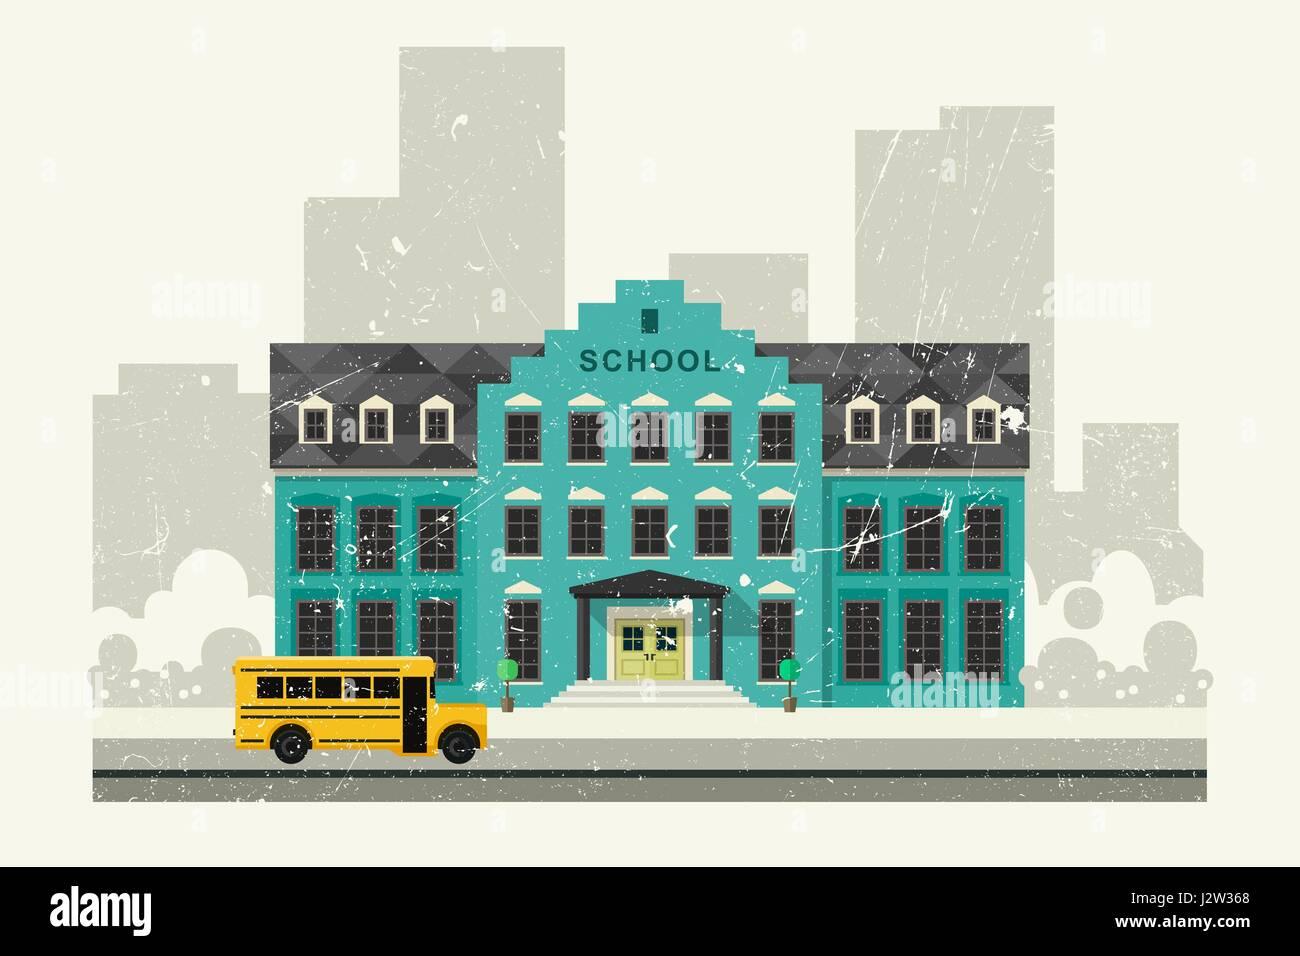 La escuela y el autobús amarillo Imagen De Stock